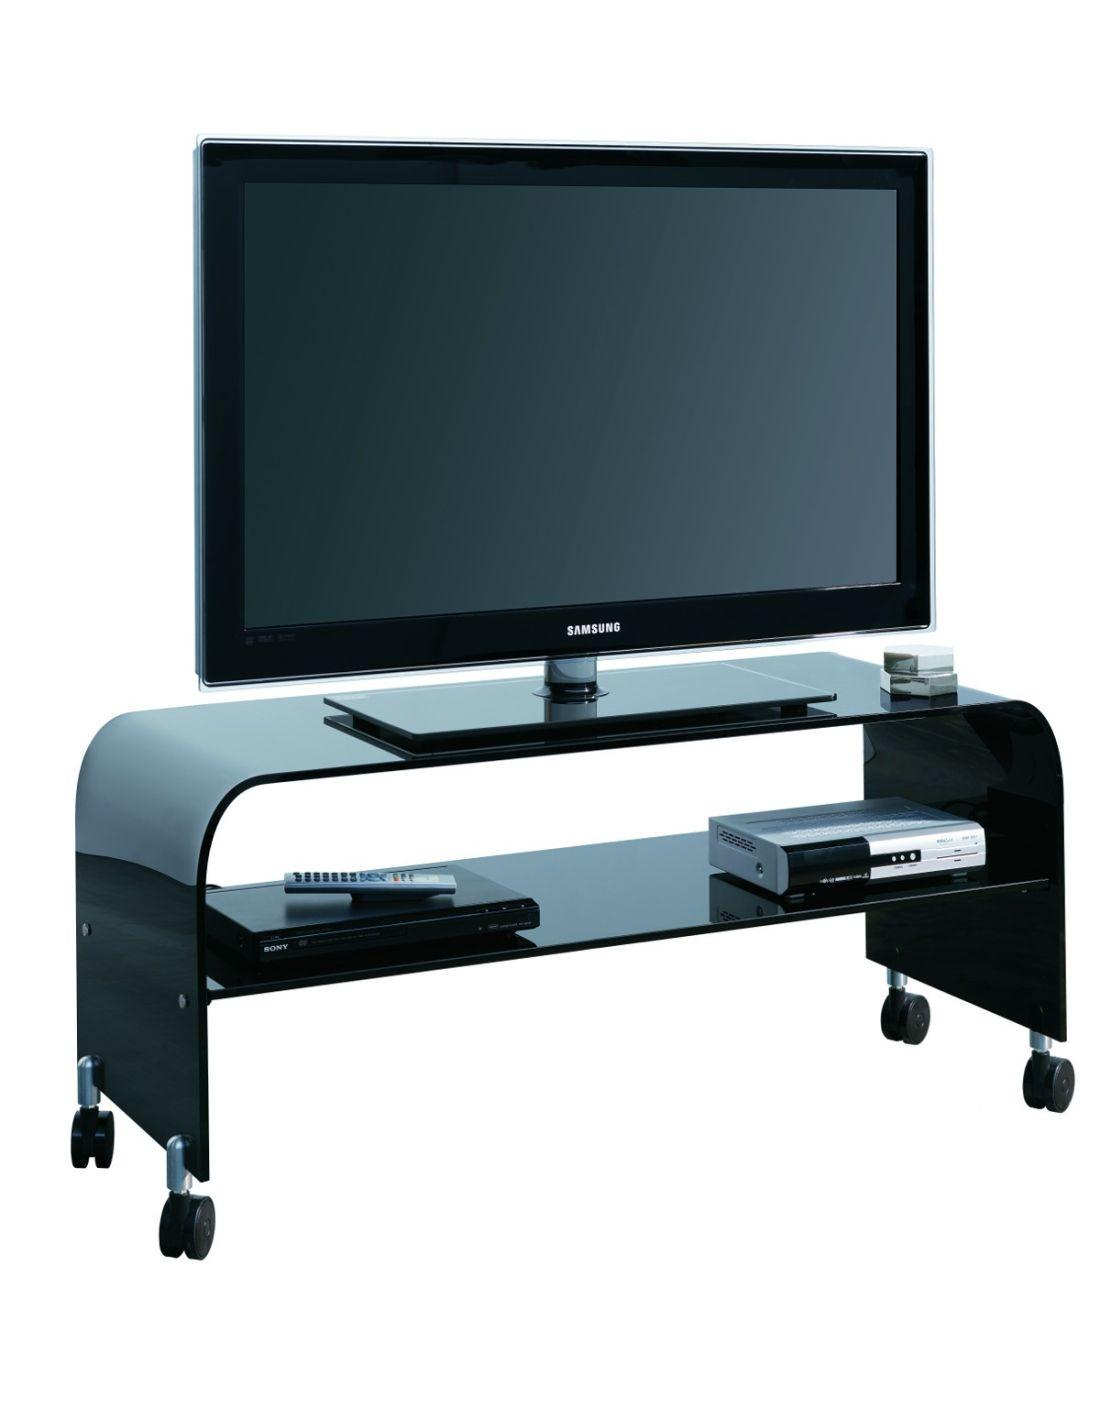 Home > Giorno > Porta TV > Giada carrello porta TV in vetro curvato ...